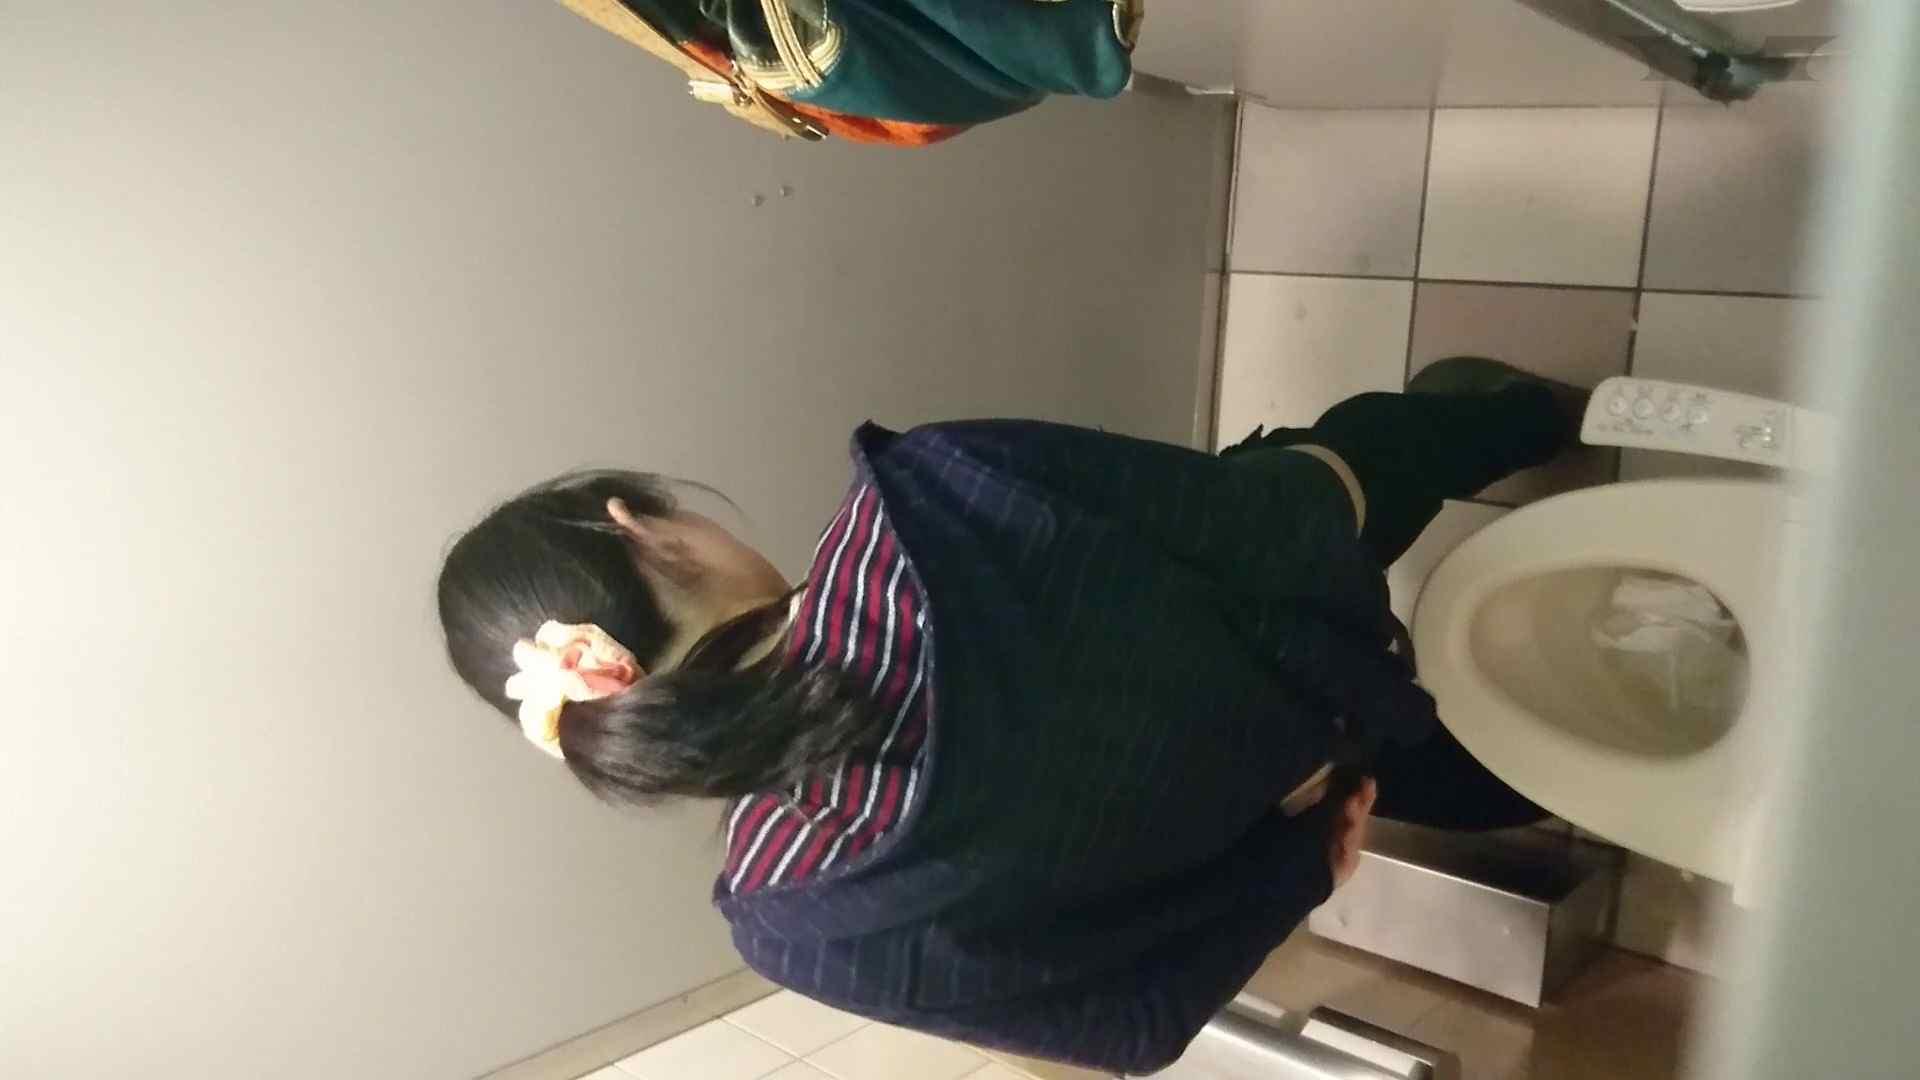 化粧室絵巻 ショッピングモール編 VOL.16 0 | HなOL  94pic 15